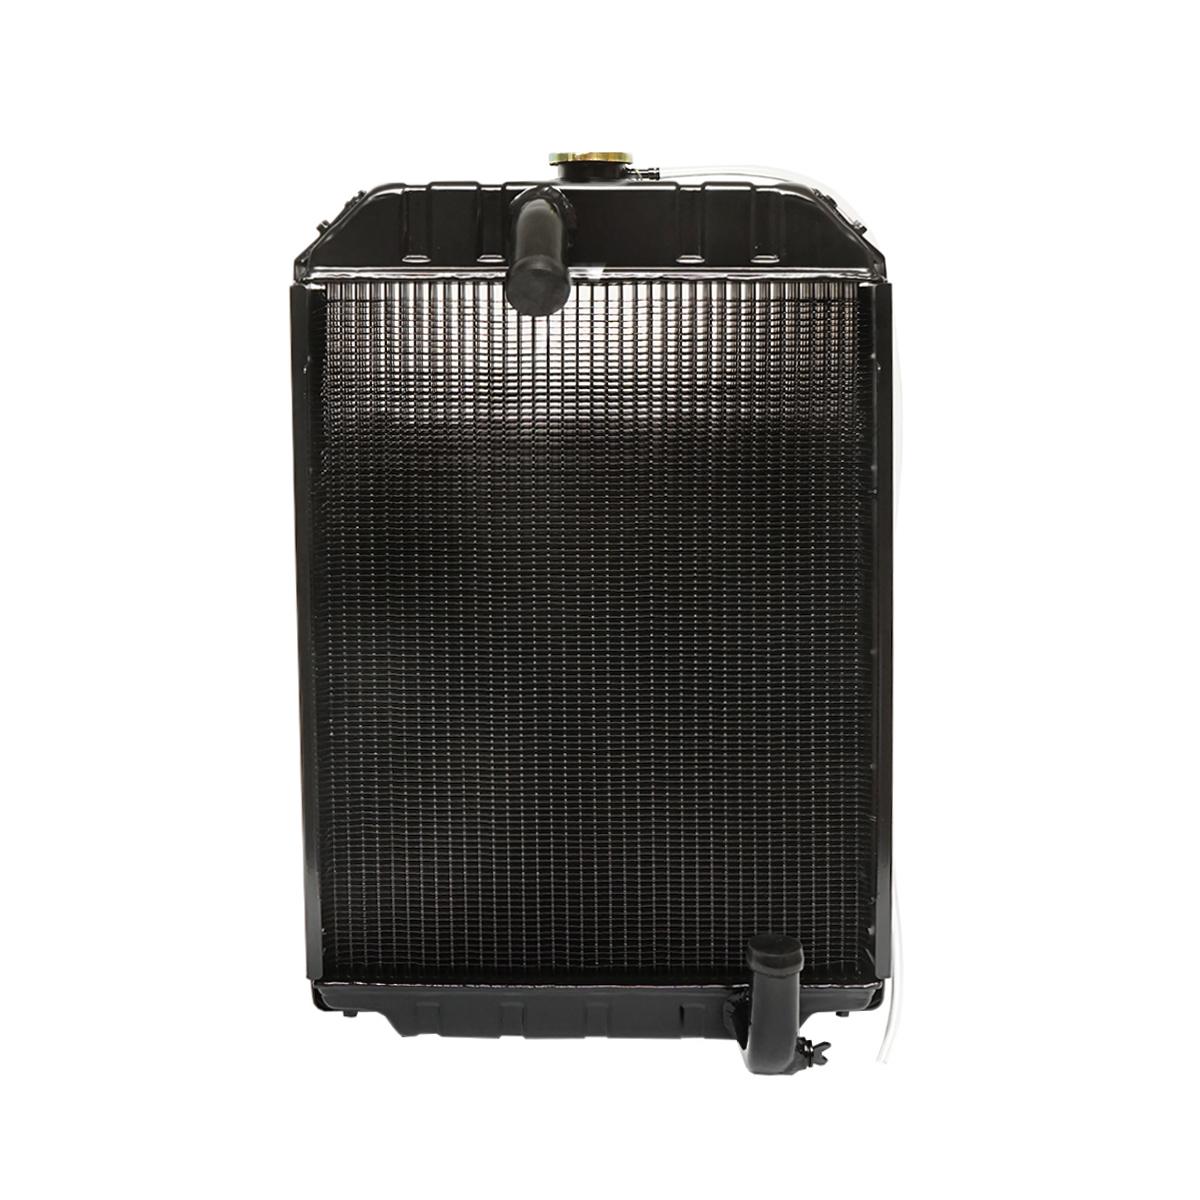 Radiator racire apa U-650 (aluminiu cu 4 randuri late de celule) 590x455x65